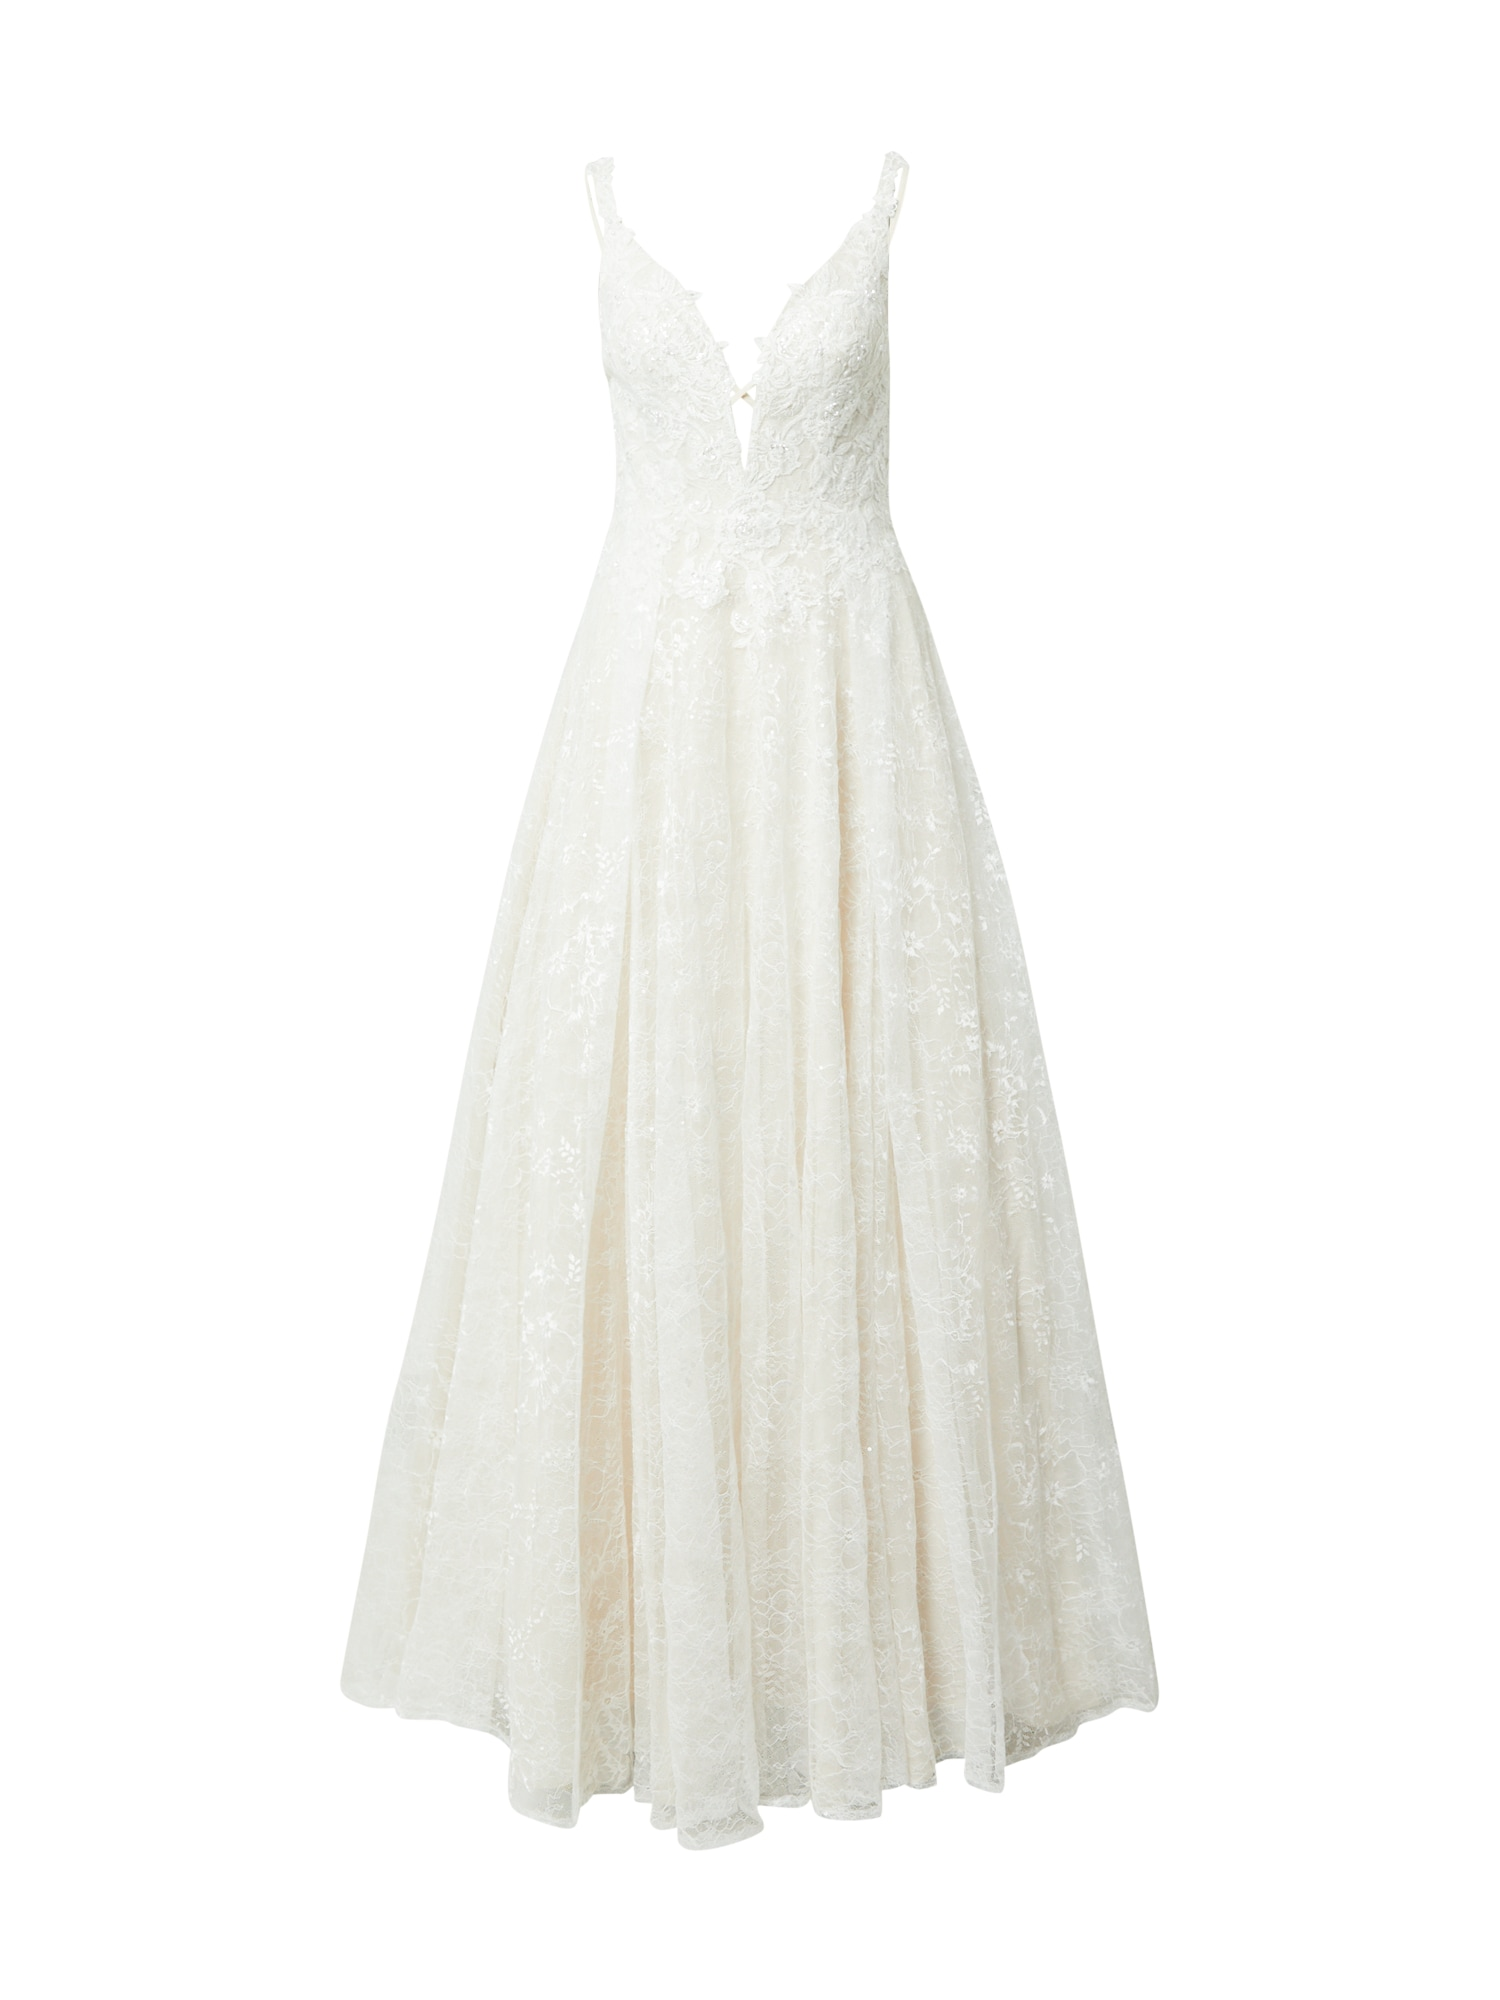 MAGIC BRIDE Vakarinė suknelė natūrali balta